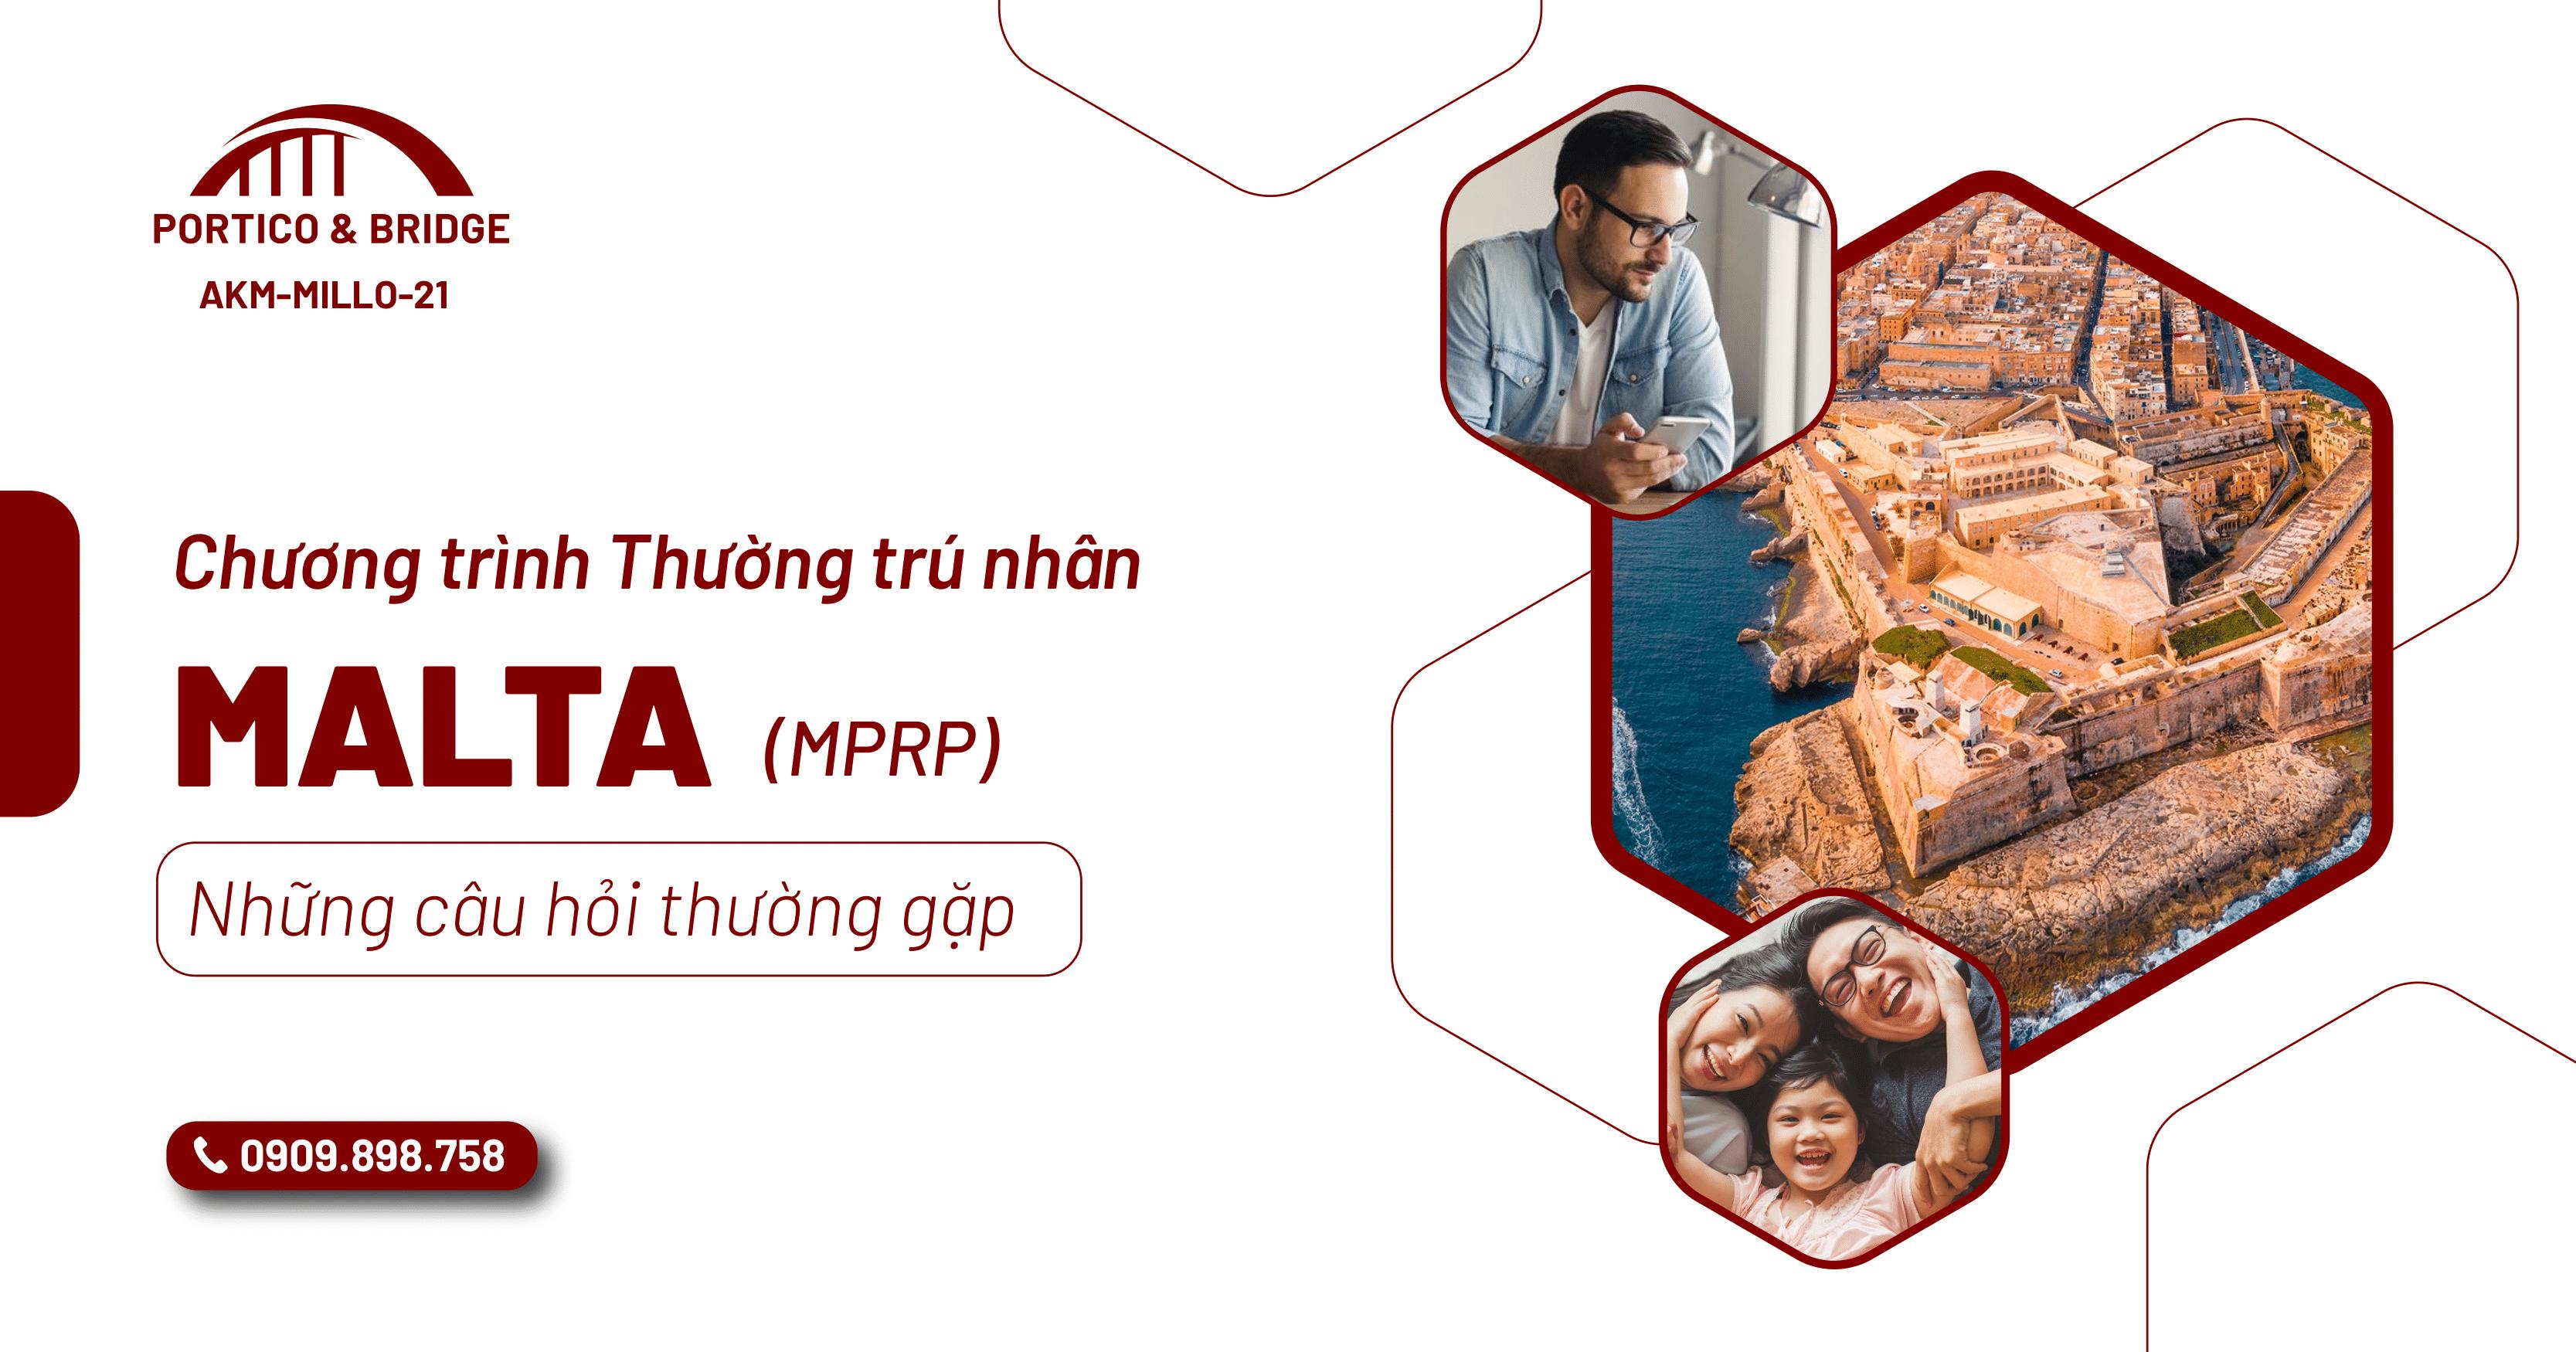 chương trình thường trú nhân Malta